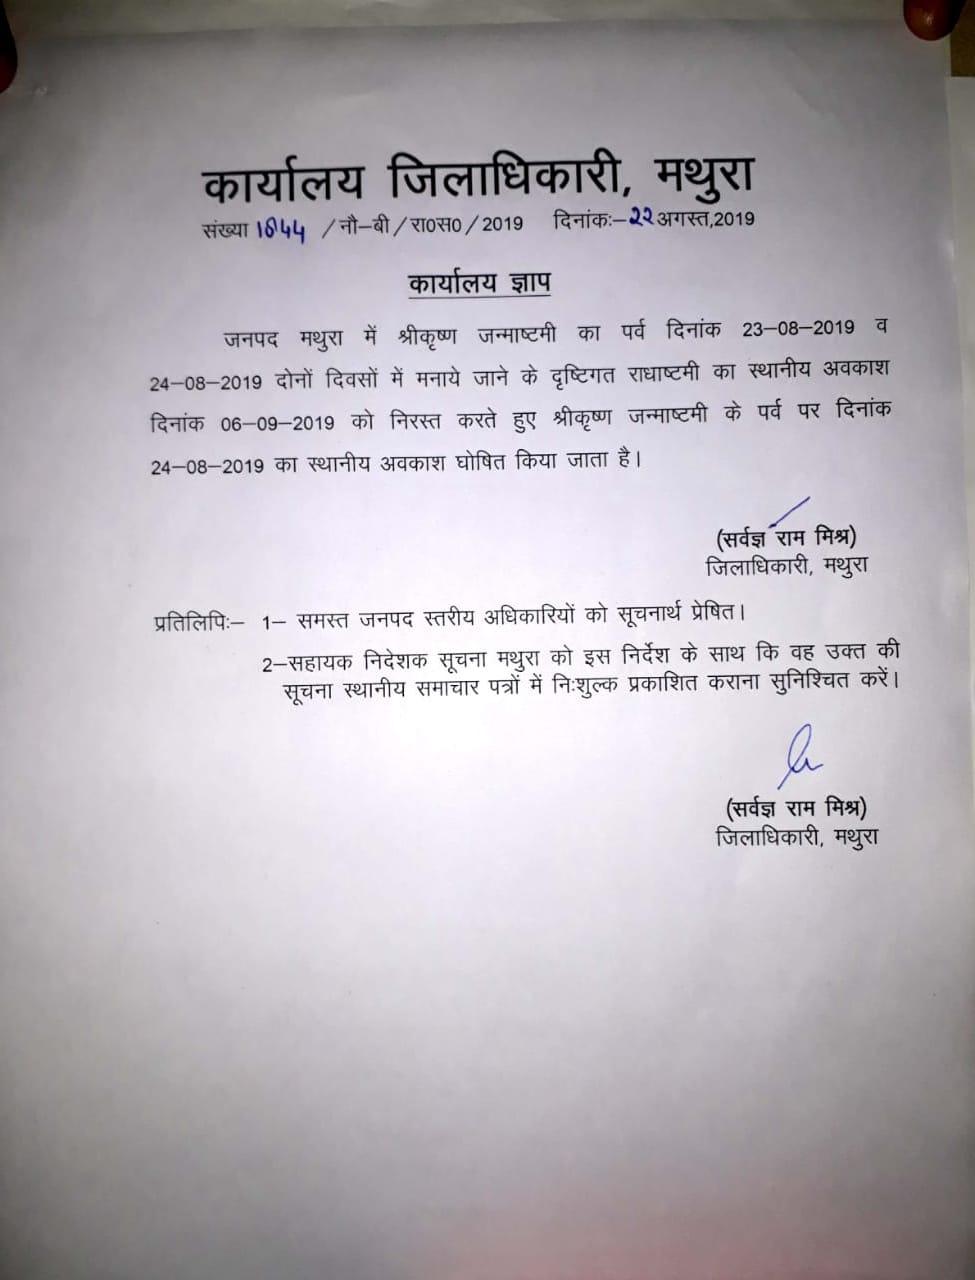 Mathura में krishna janmashtmi पर 23 व 24 अगस्त को अवकाश (holiday )घोषित